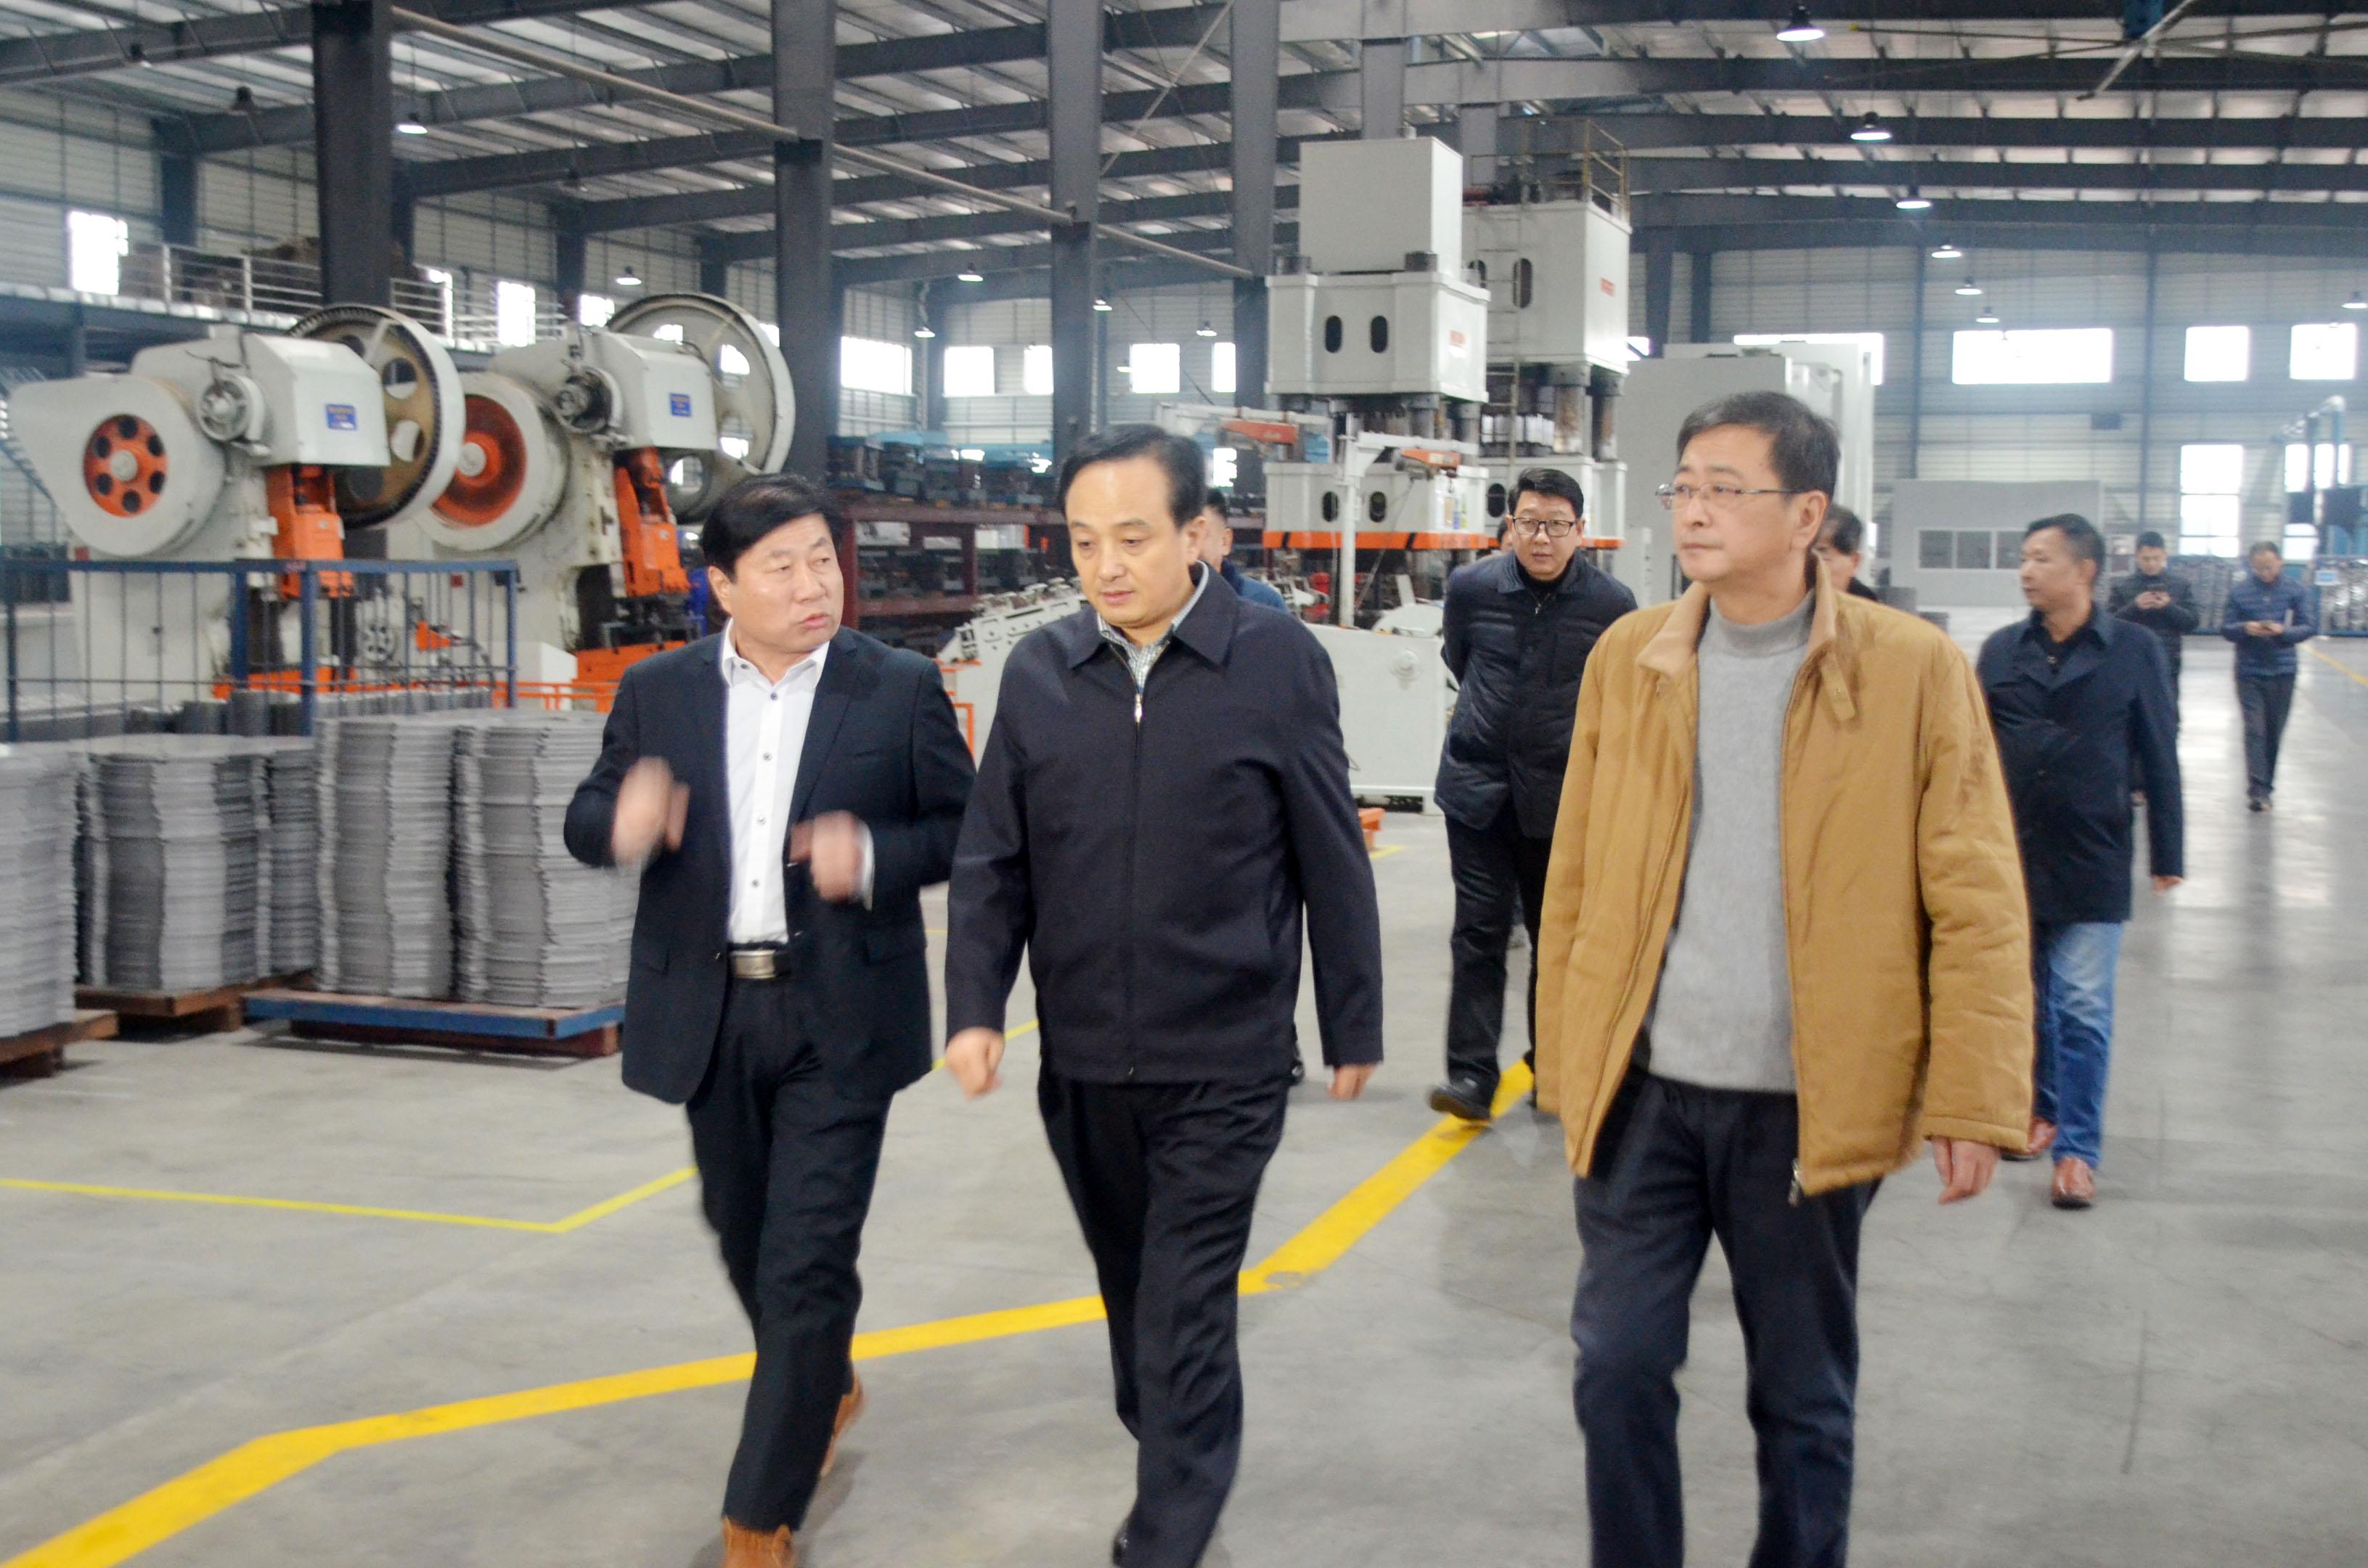 市委常委、常务副市长刘孝华莅临黄山菲英调研指导工作